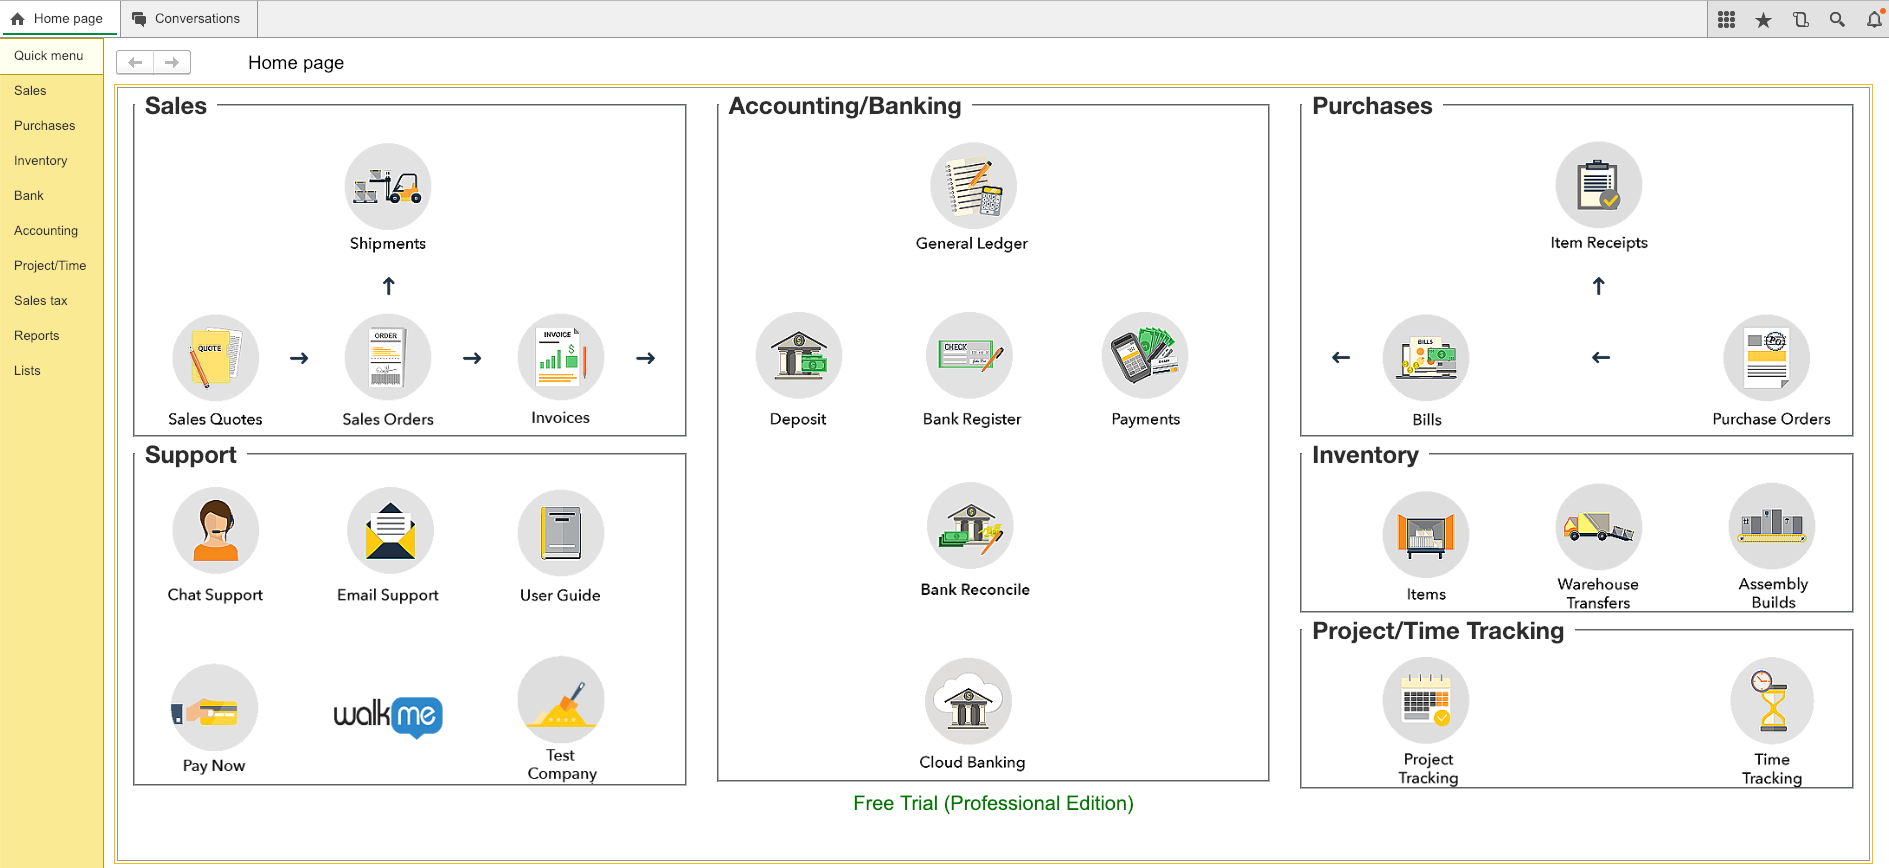 AccountingSuite Demo - Screen-Shot-2019-02-06-at-8.04.54-AM.png